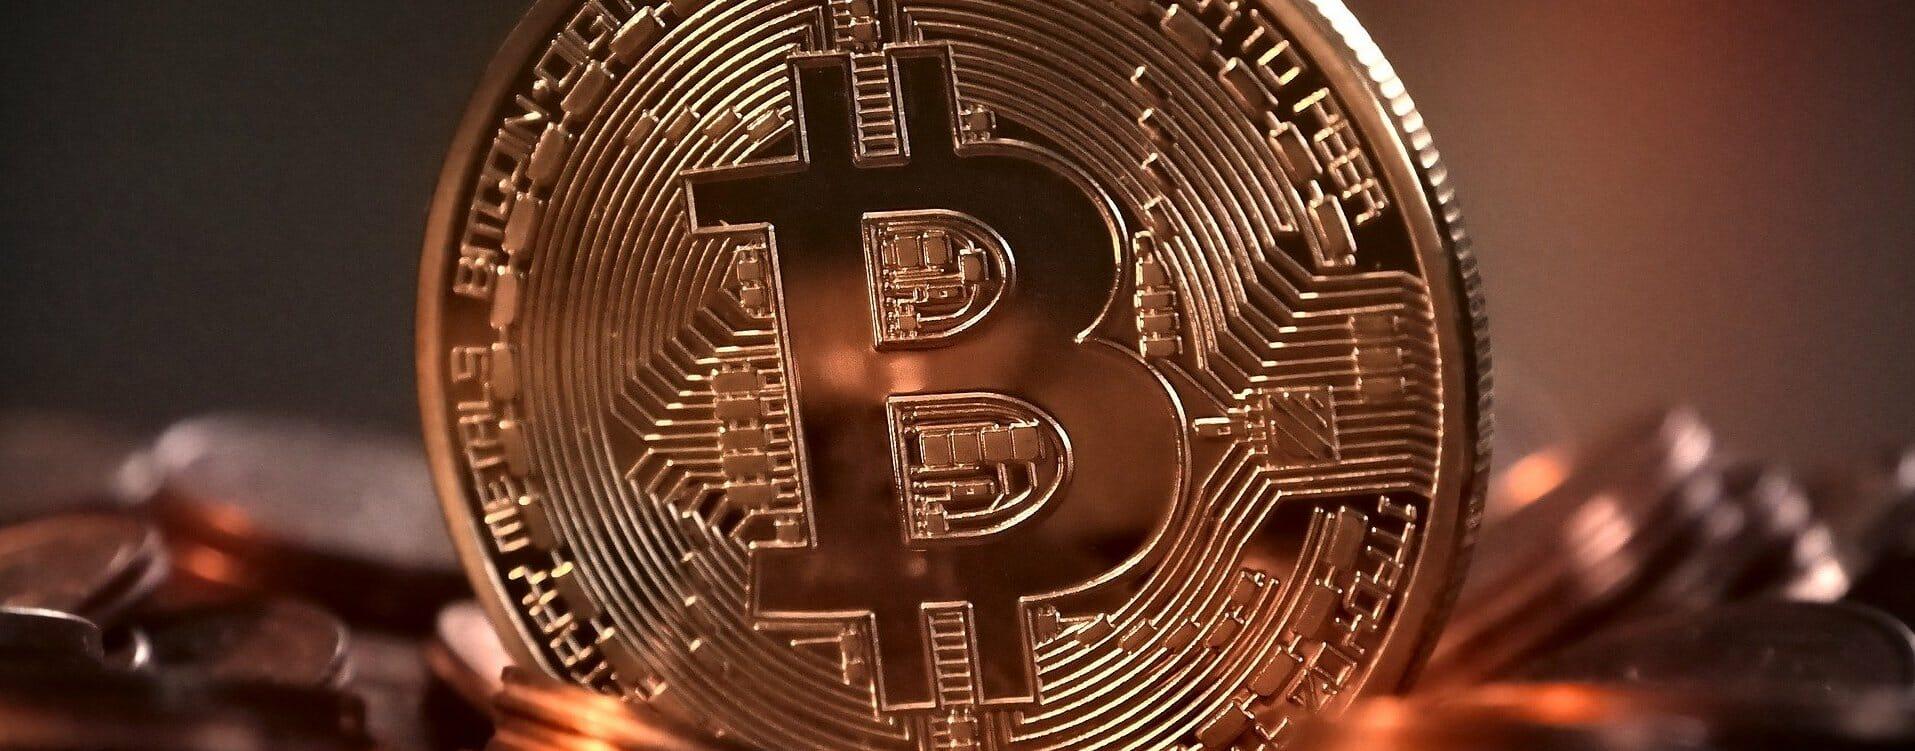 """Goldman Sachs CEO forecasts A """"Big Evolution"""" For the Cryptoasset Market."""